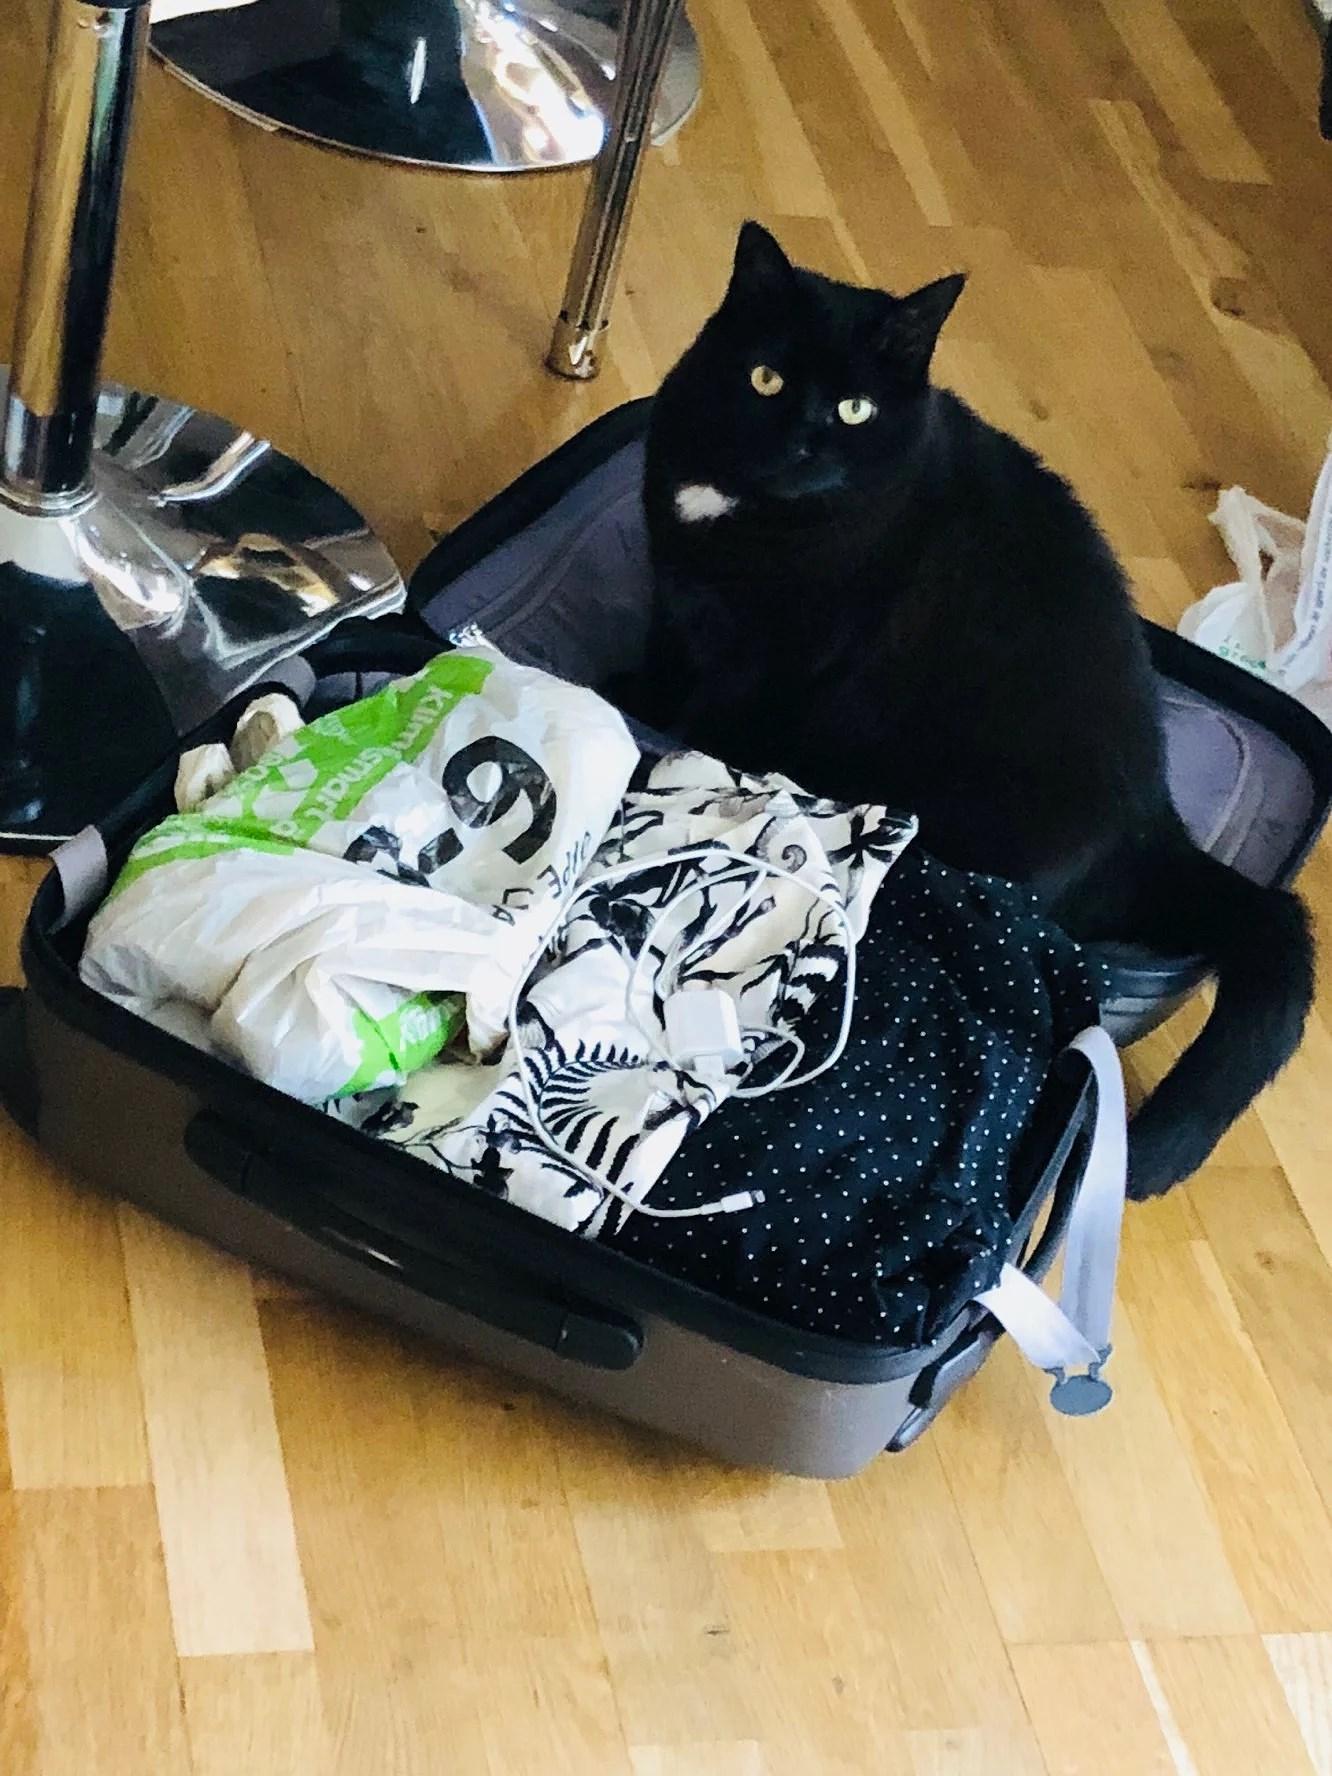 Väskan packad